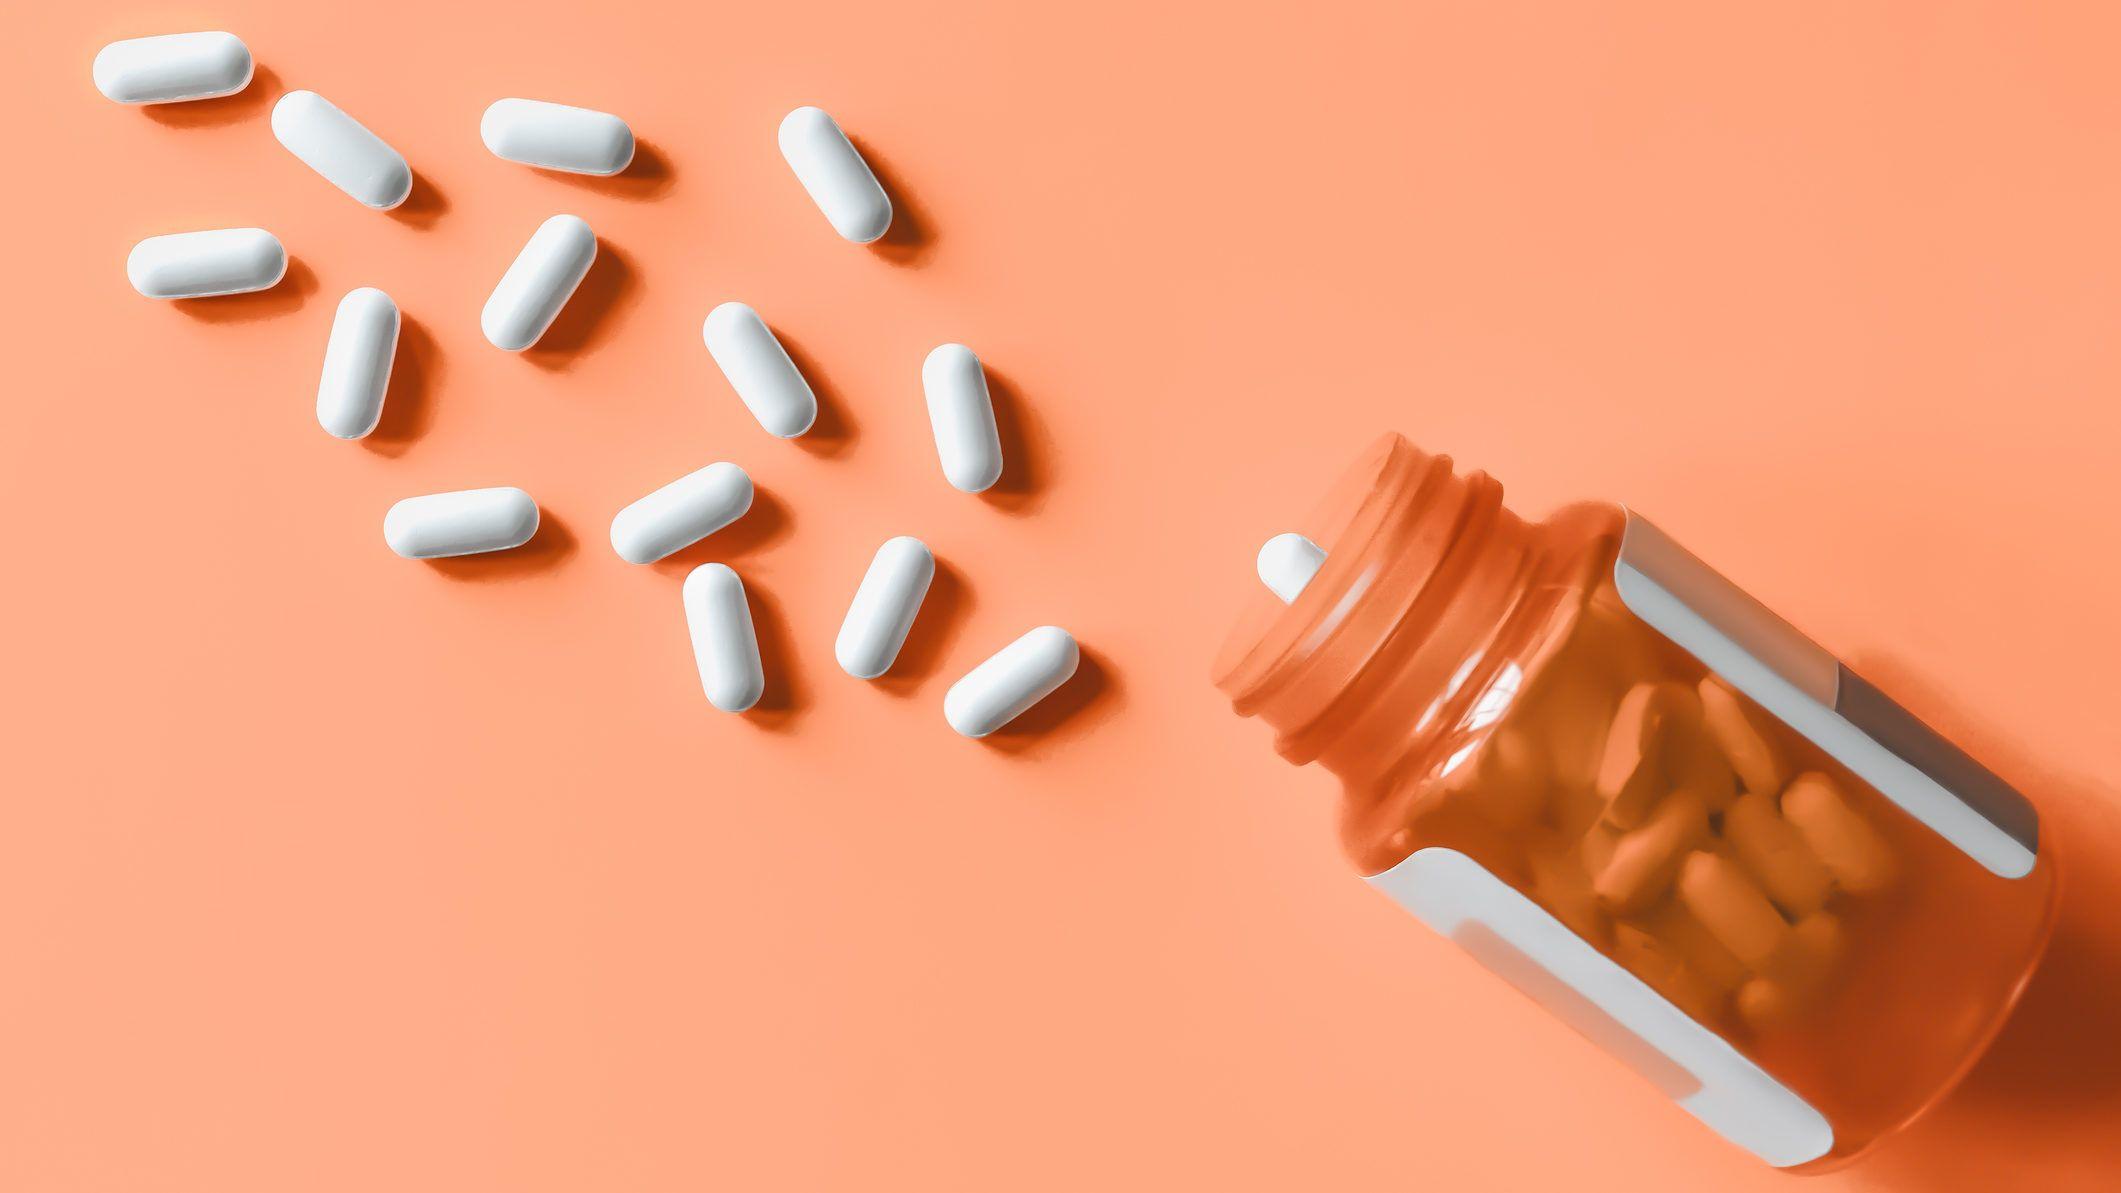 pikkelysömör antibiotikum kezels pikkelysömör mentes gygyszer